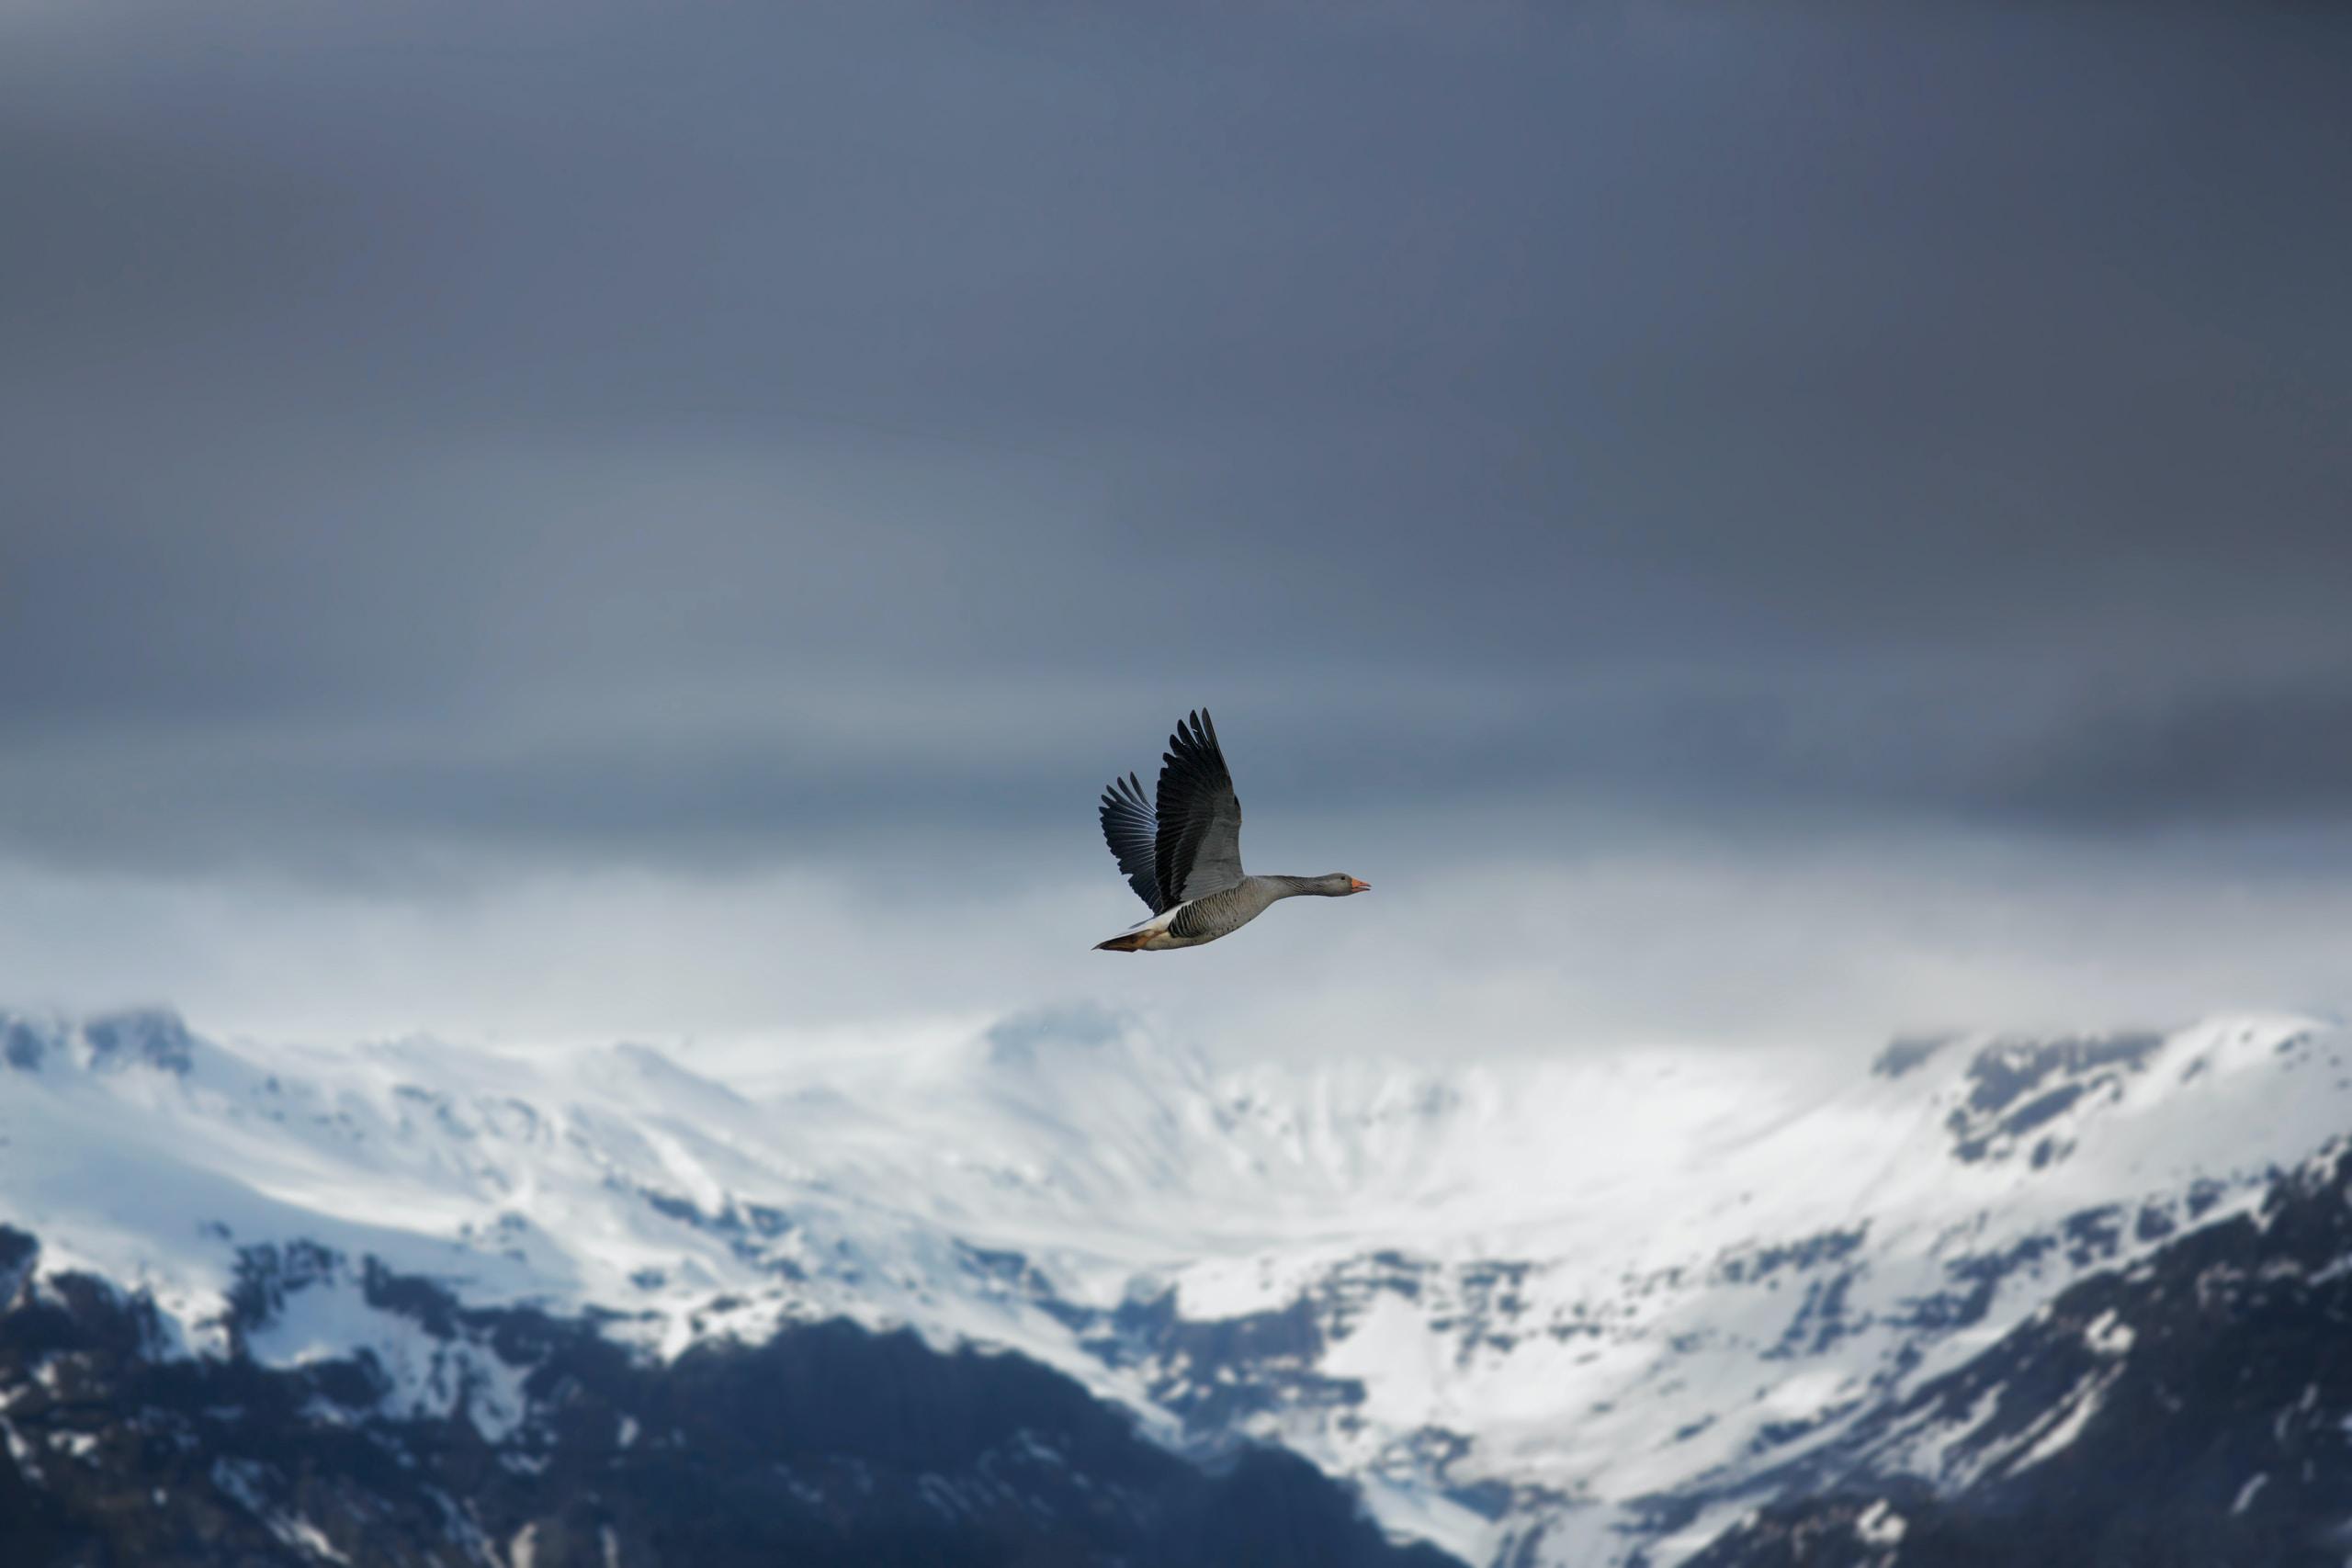 bird flying on the sky